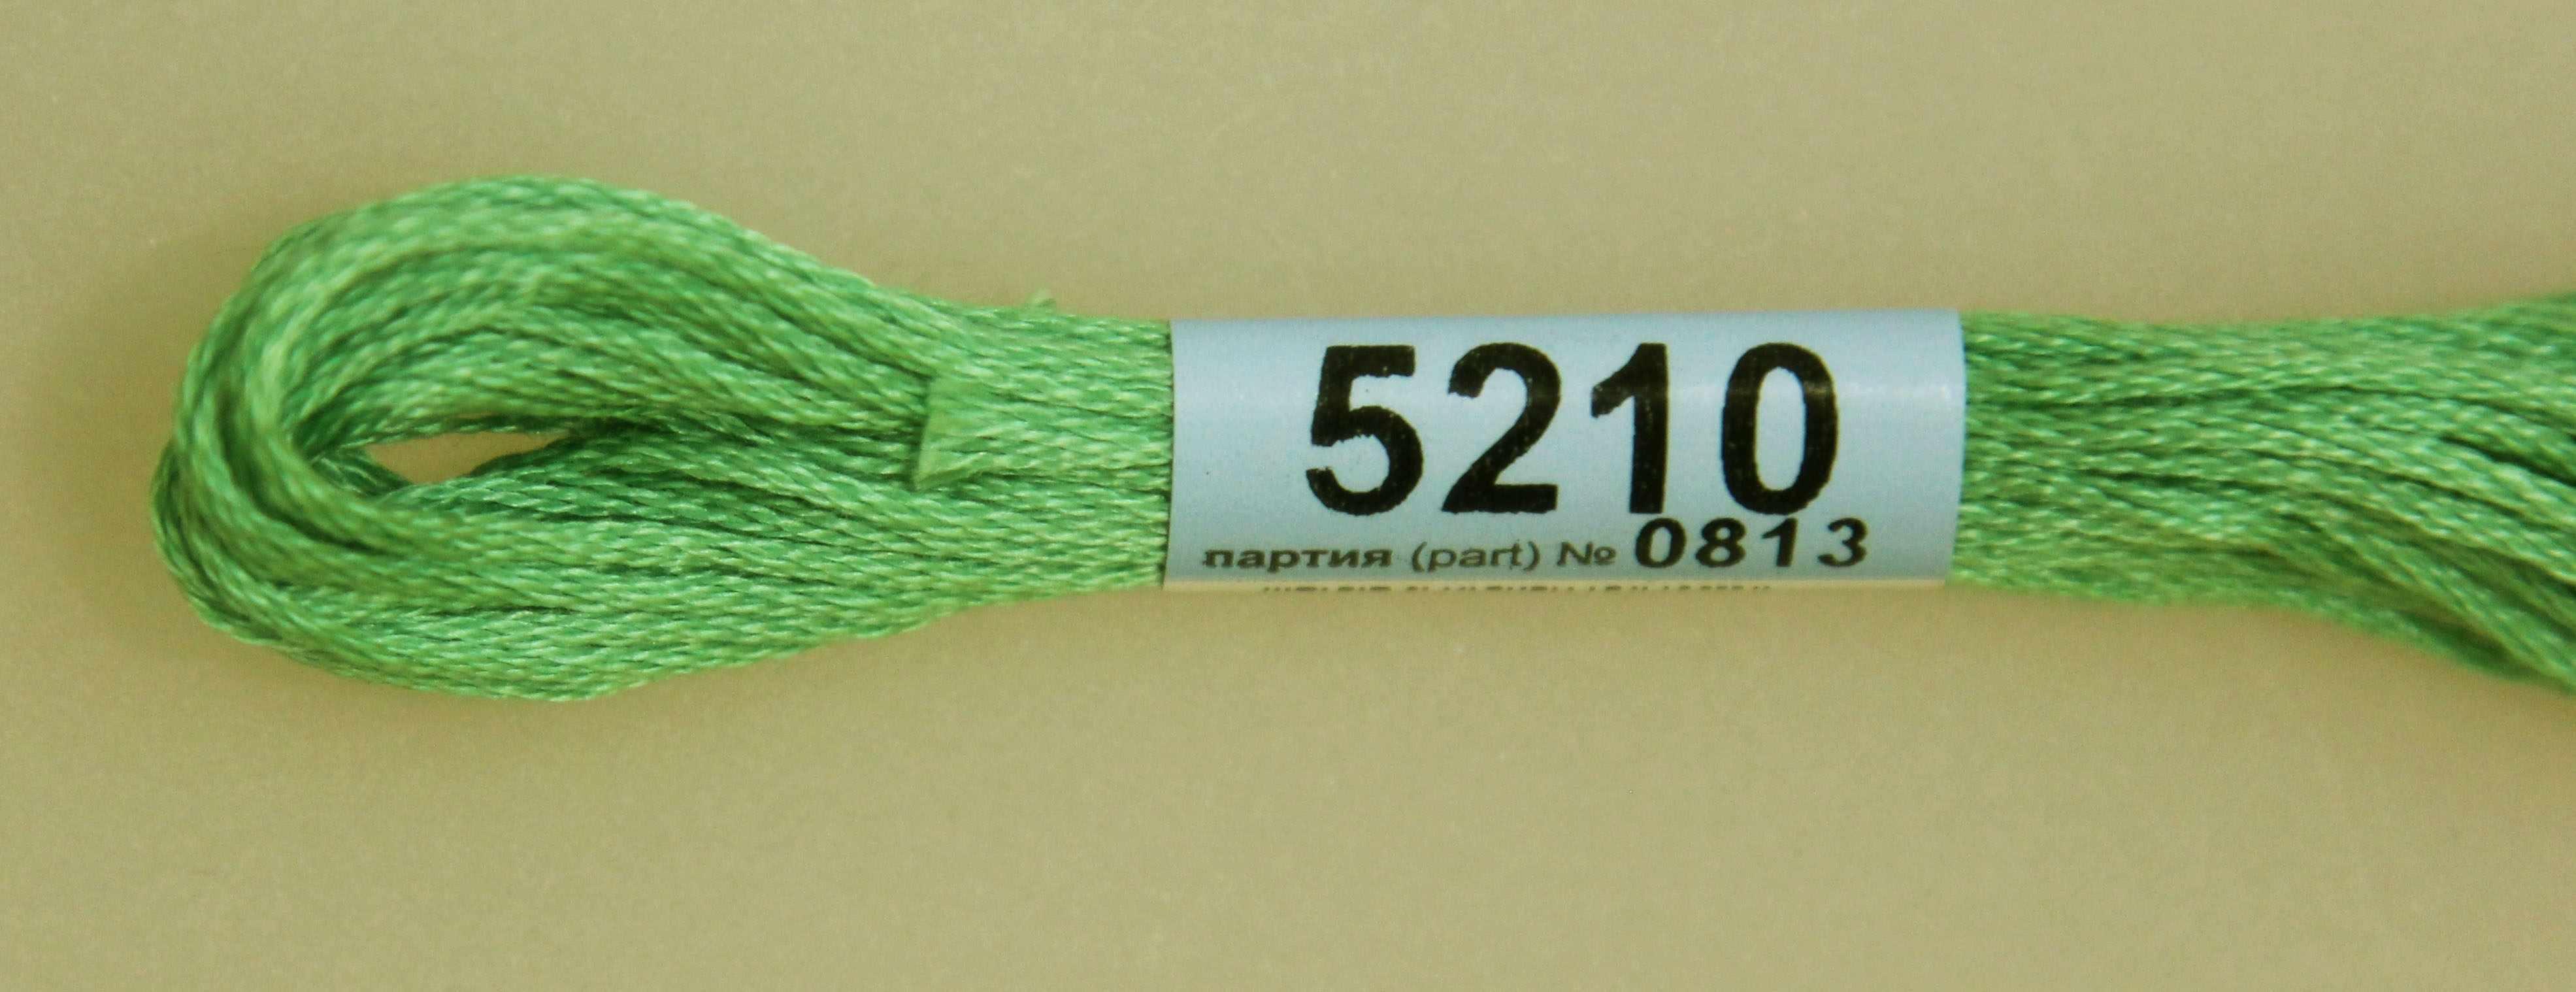 5210 (Гамма)